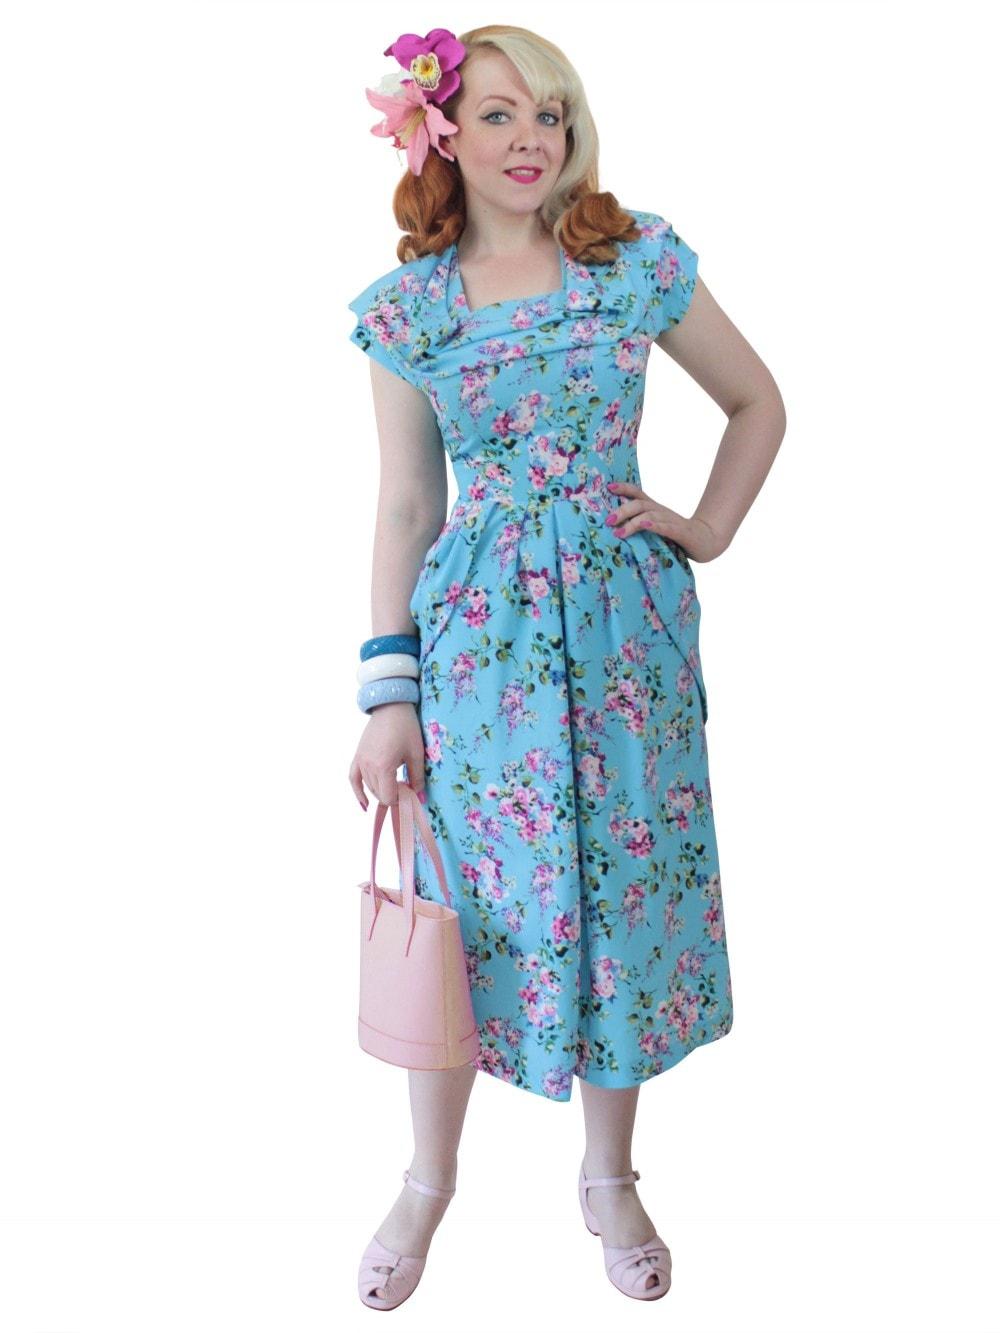 766d034e9aa3 1940s Dress Lana 1940s Dress Lana Belle Blossom from Vivien of Holloway